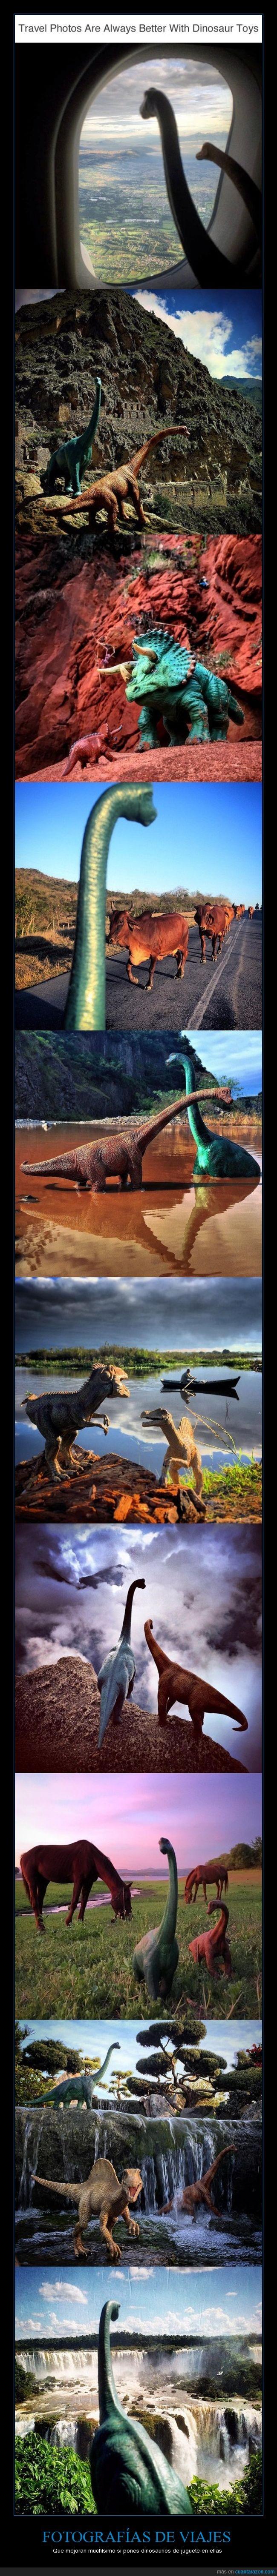 dinosaurios,fotografías,fotos,juguetes,viajes